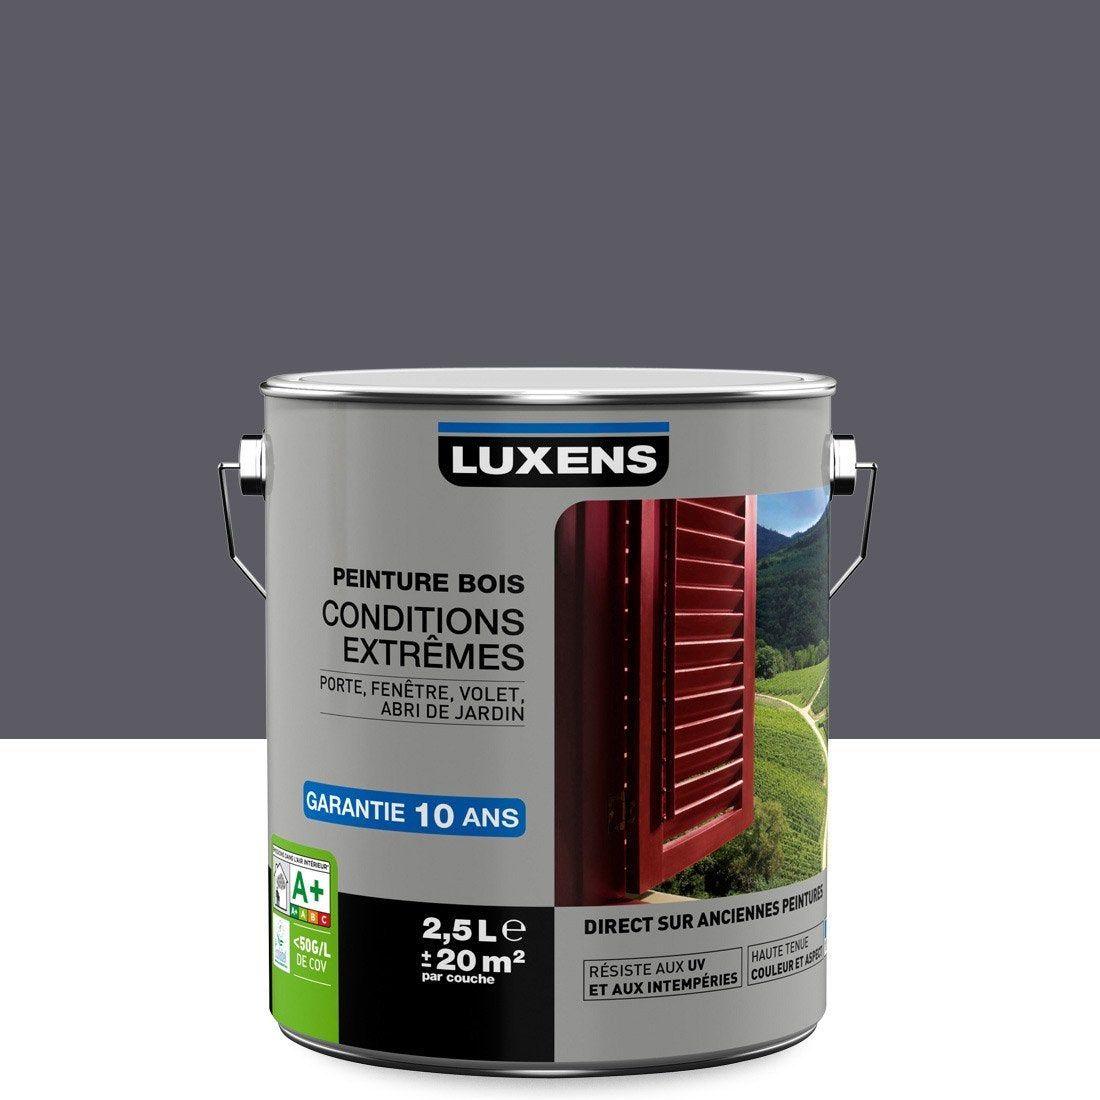 Peinture Bois Extérieur Conditions Extrêmes Luxens Gris